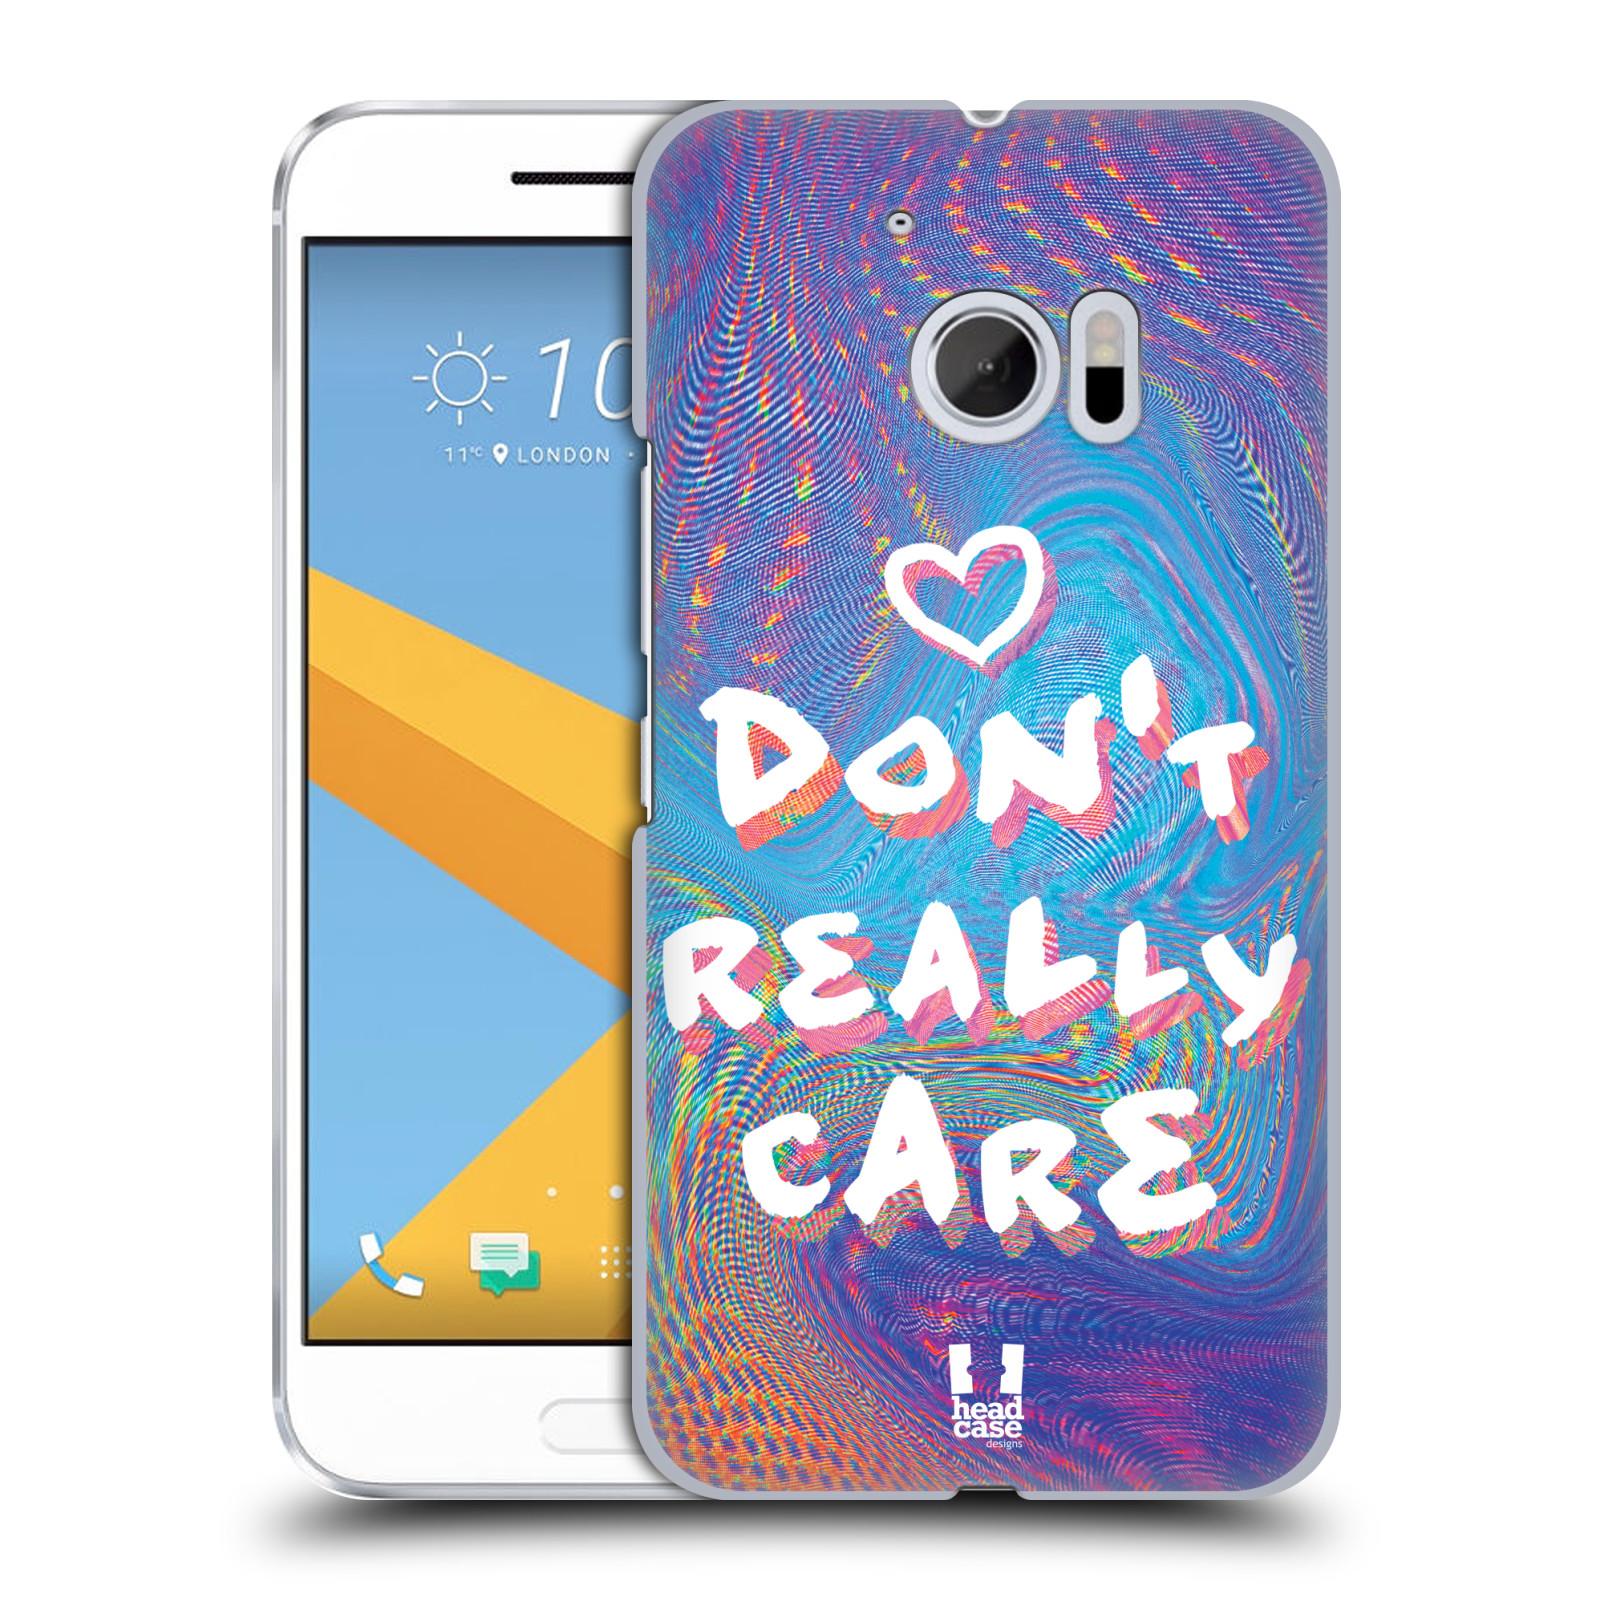 Plastové pouzdro na mobil HTC One 10 - Head Case - HOLOGRAF DON'T CARE (Plastový kryt či obal na mobilní telefon HTC One 10 (M10))